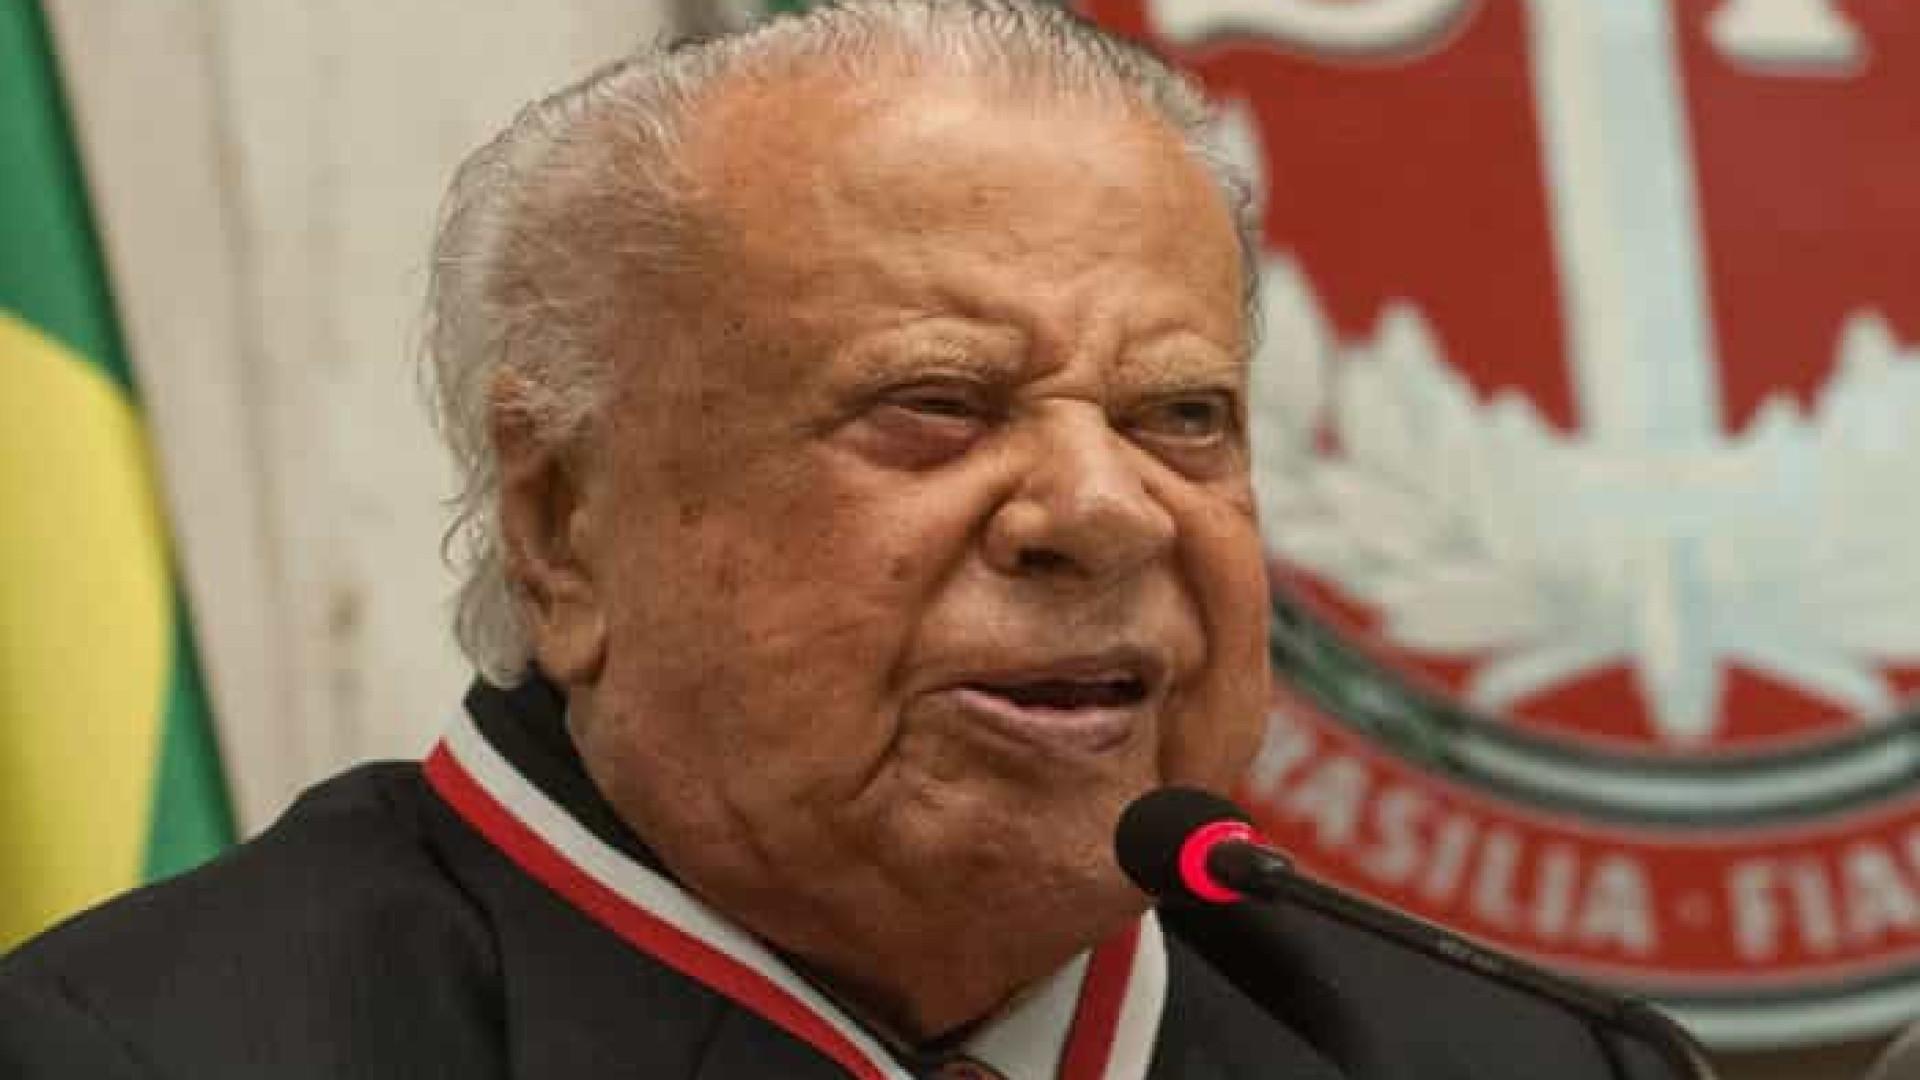 Morre aos 91 anos o ex-deputado federal José Camargo